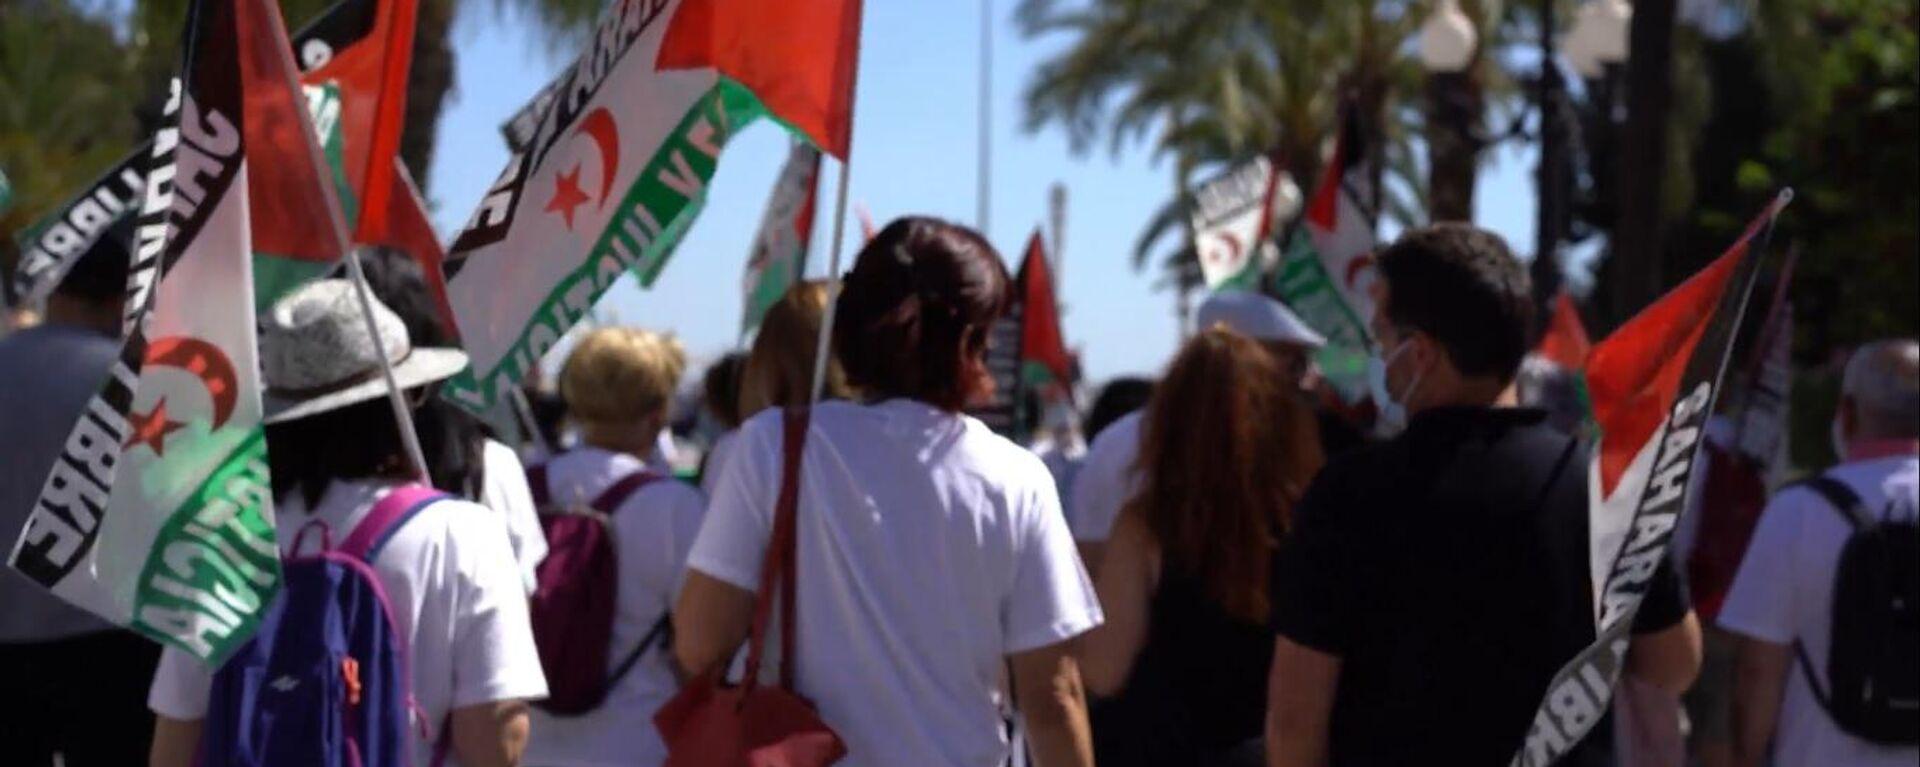 Marcha en Cádiz en solidaridad con el pueblo saharaui  - Sputnik Mundo, 1920, 21.05.2021